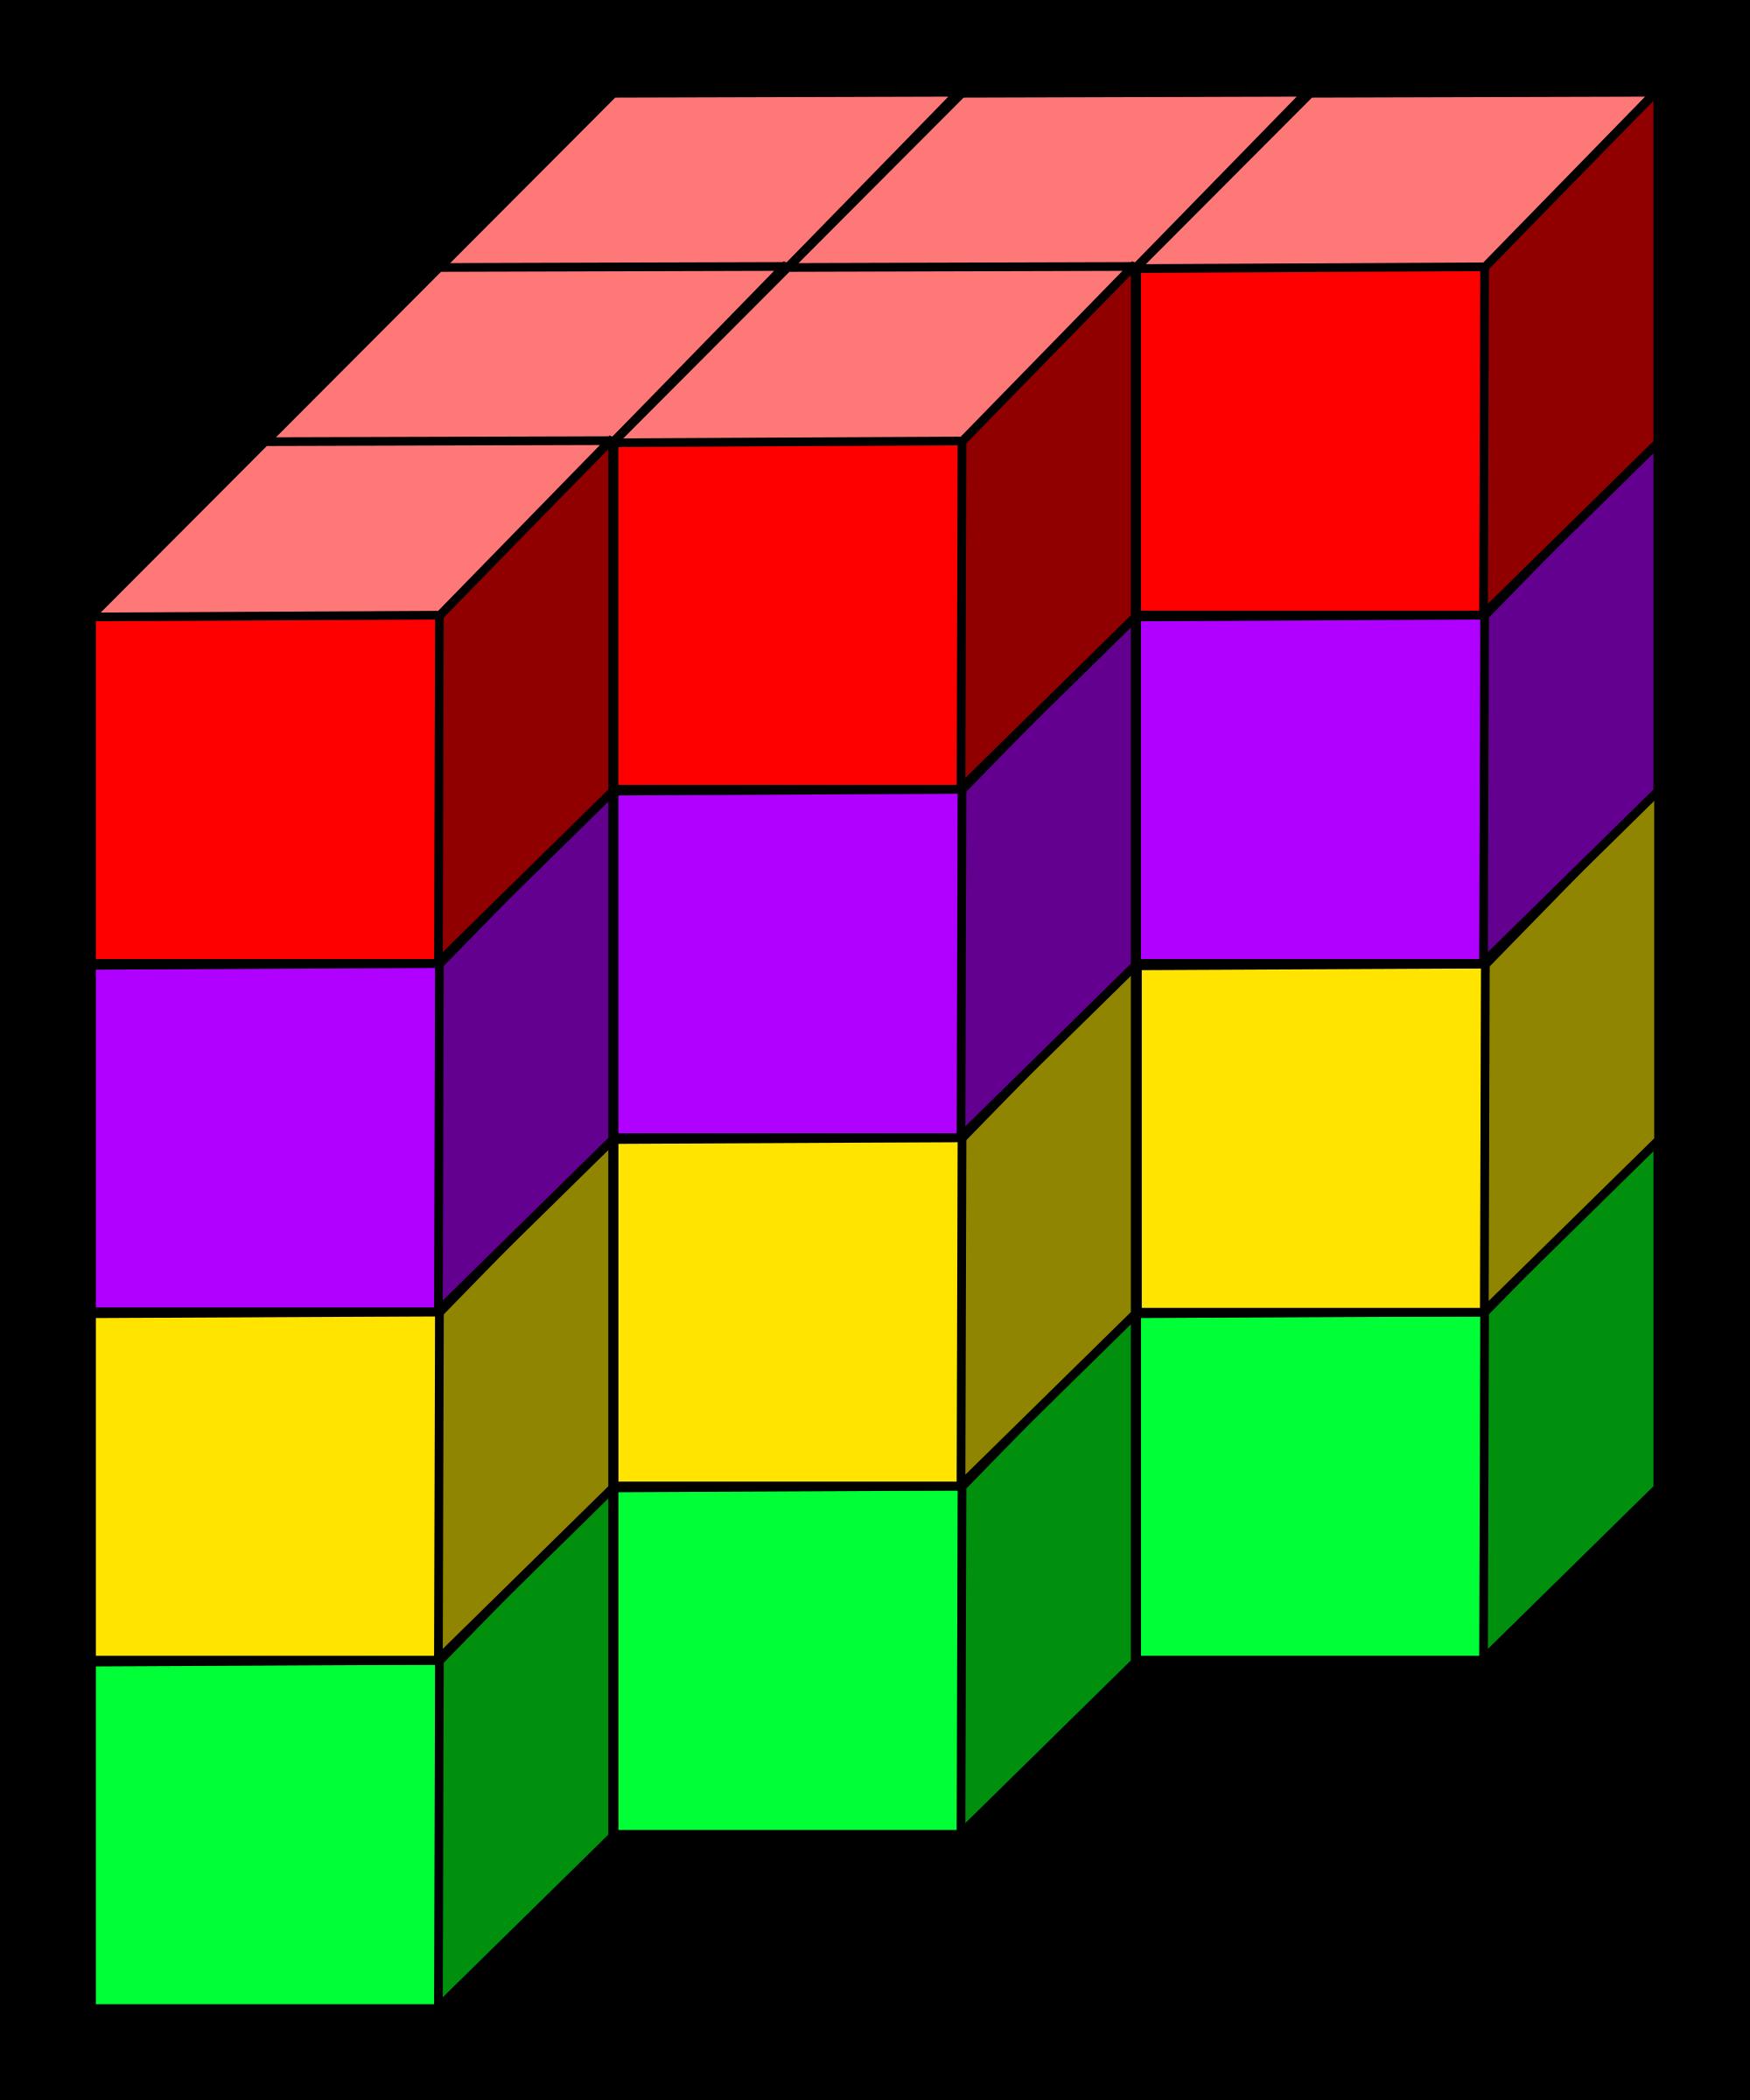 Cube clipart 3d rectangle, Cube 3d rectangle Transparent.